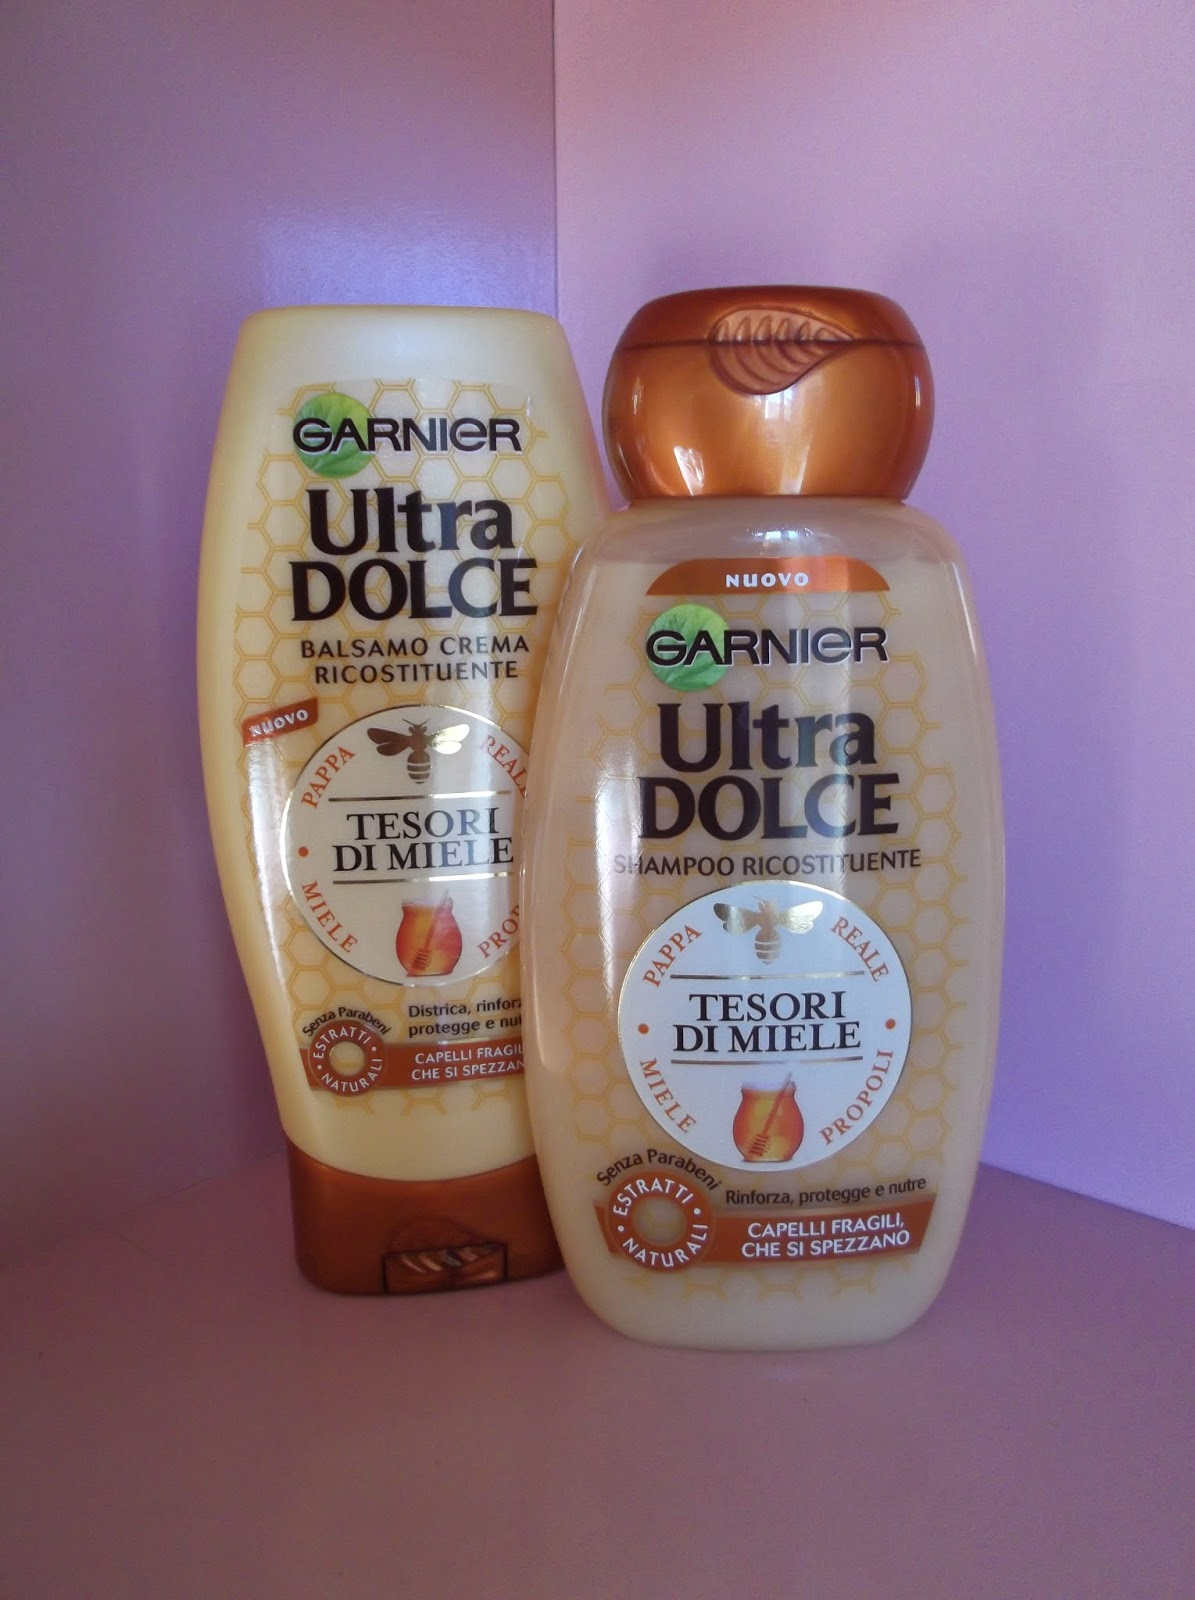 shampoo e balsamo ricostituente ultra dolce tesori di miele garnier